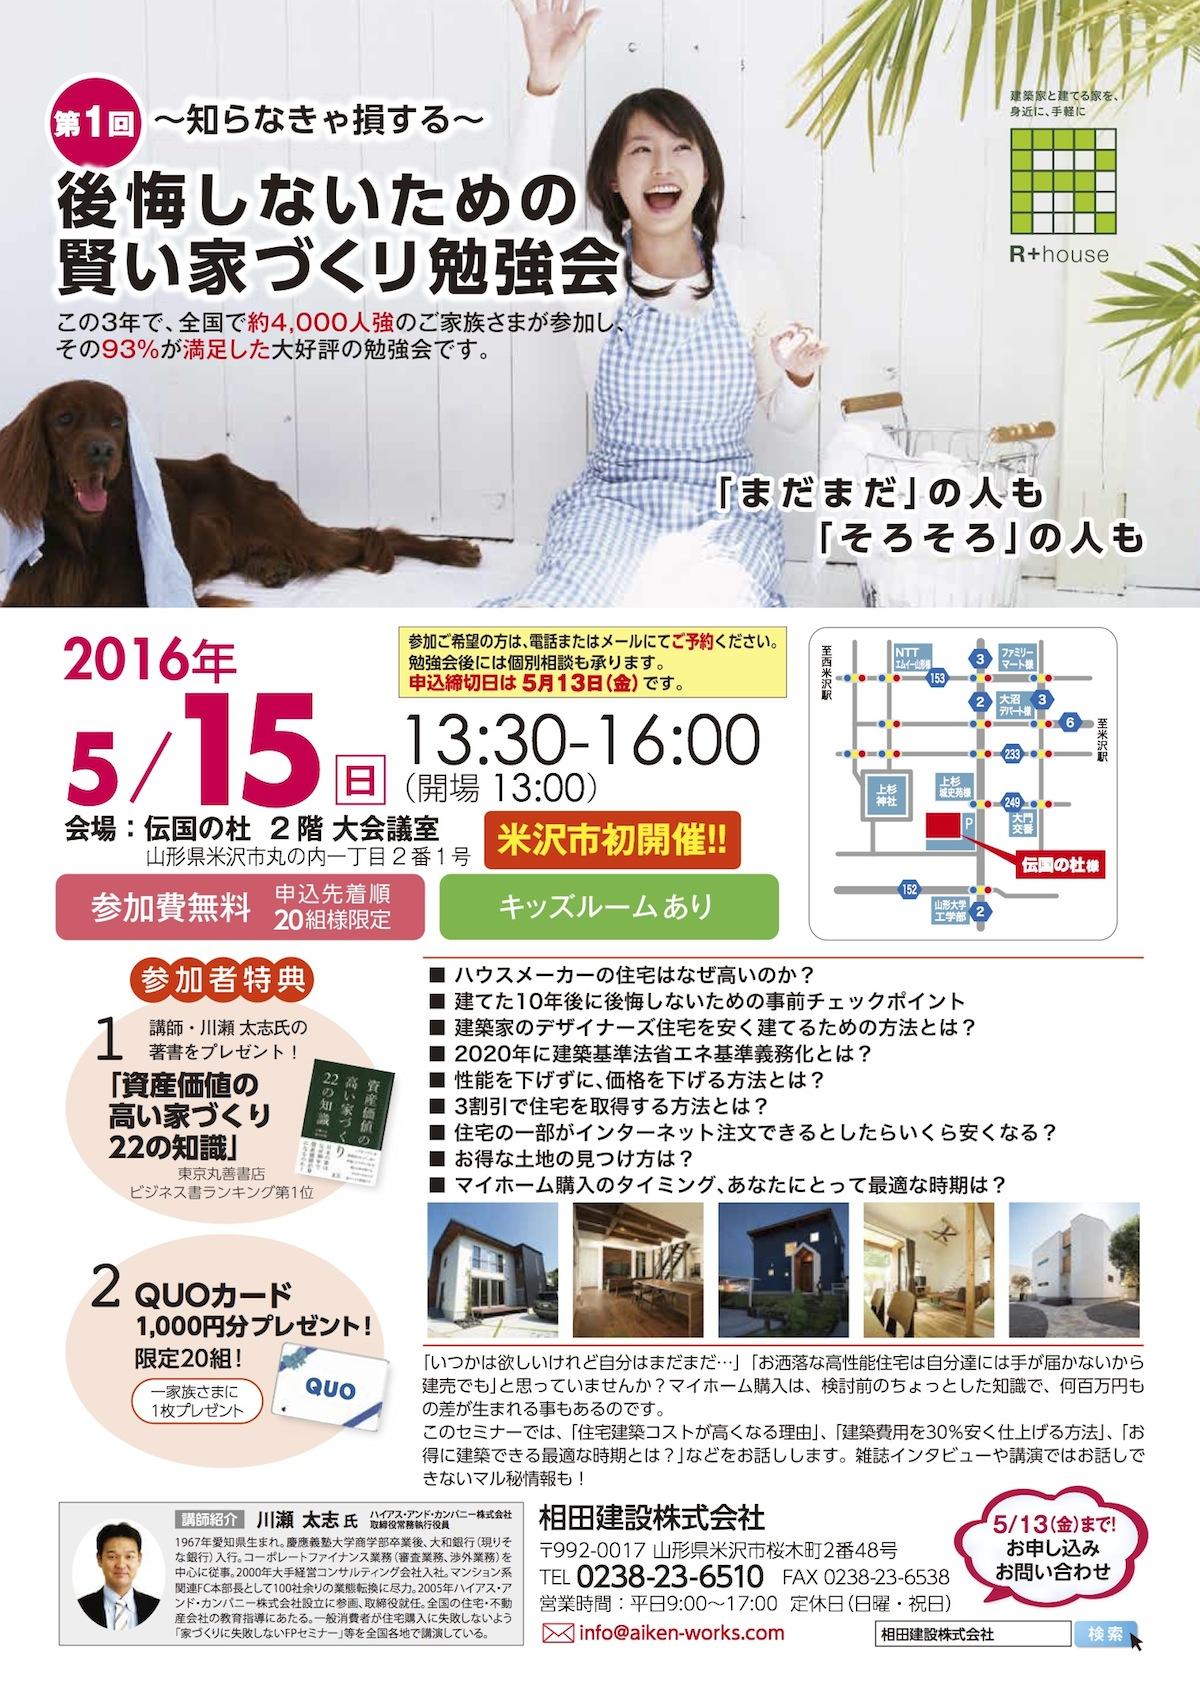 後悔しないための賢い家づくり勉強会-5/15(日):画像